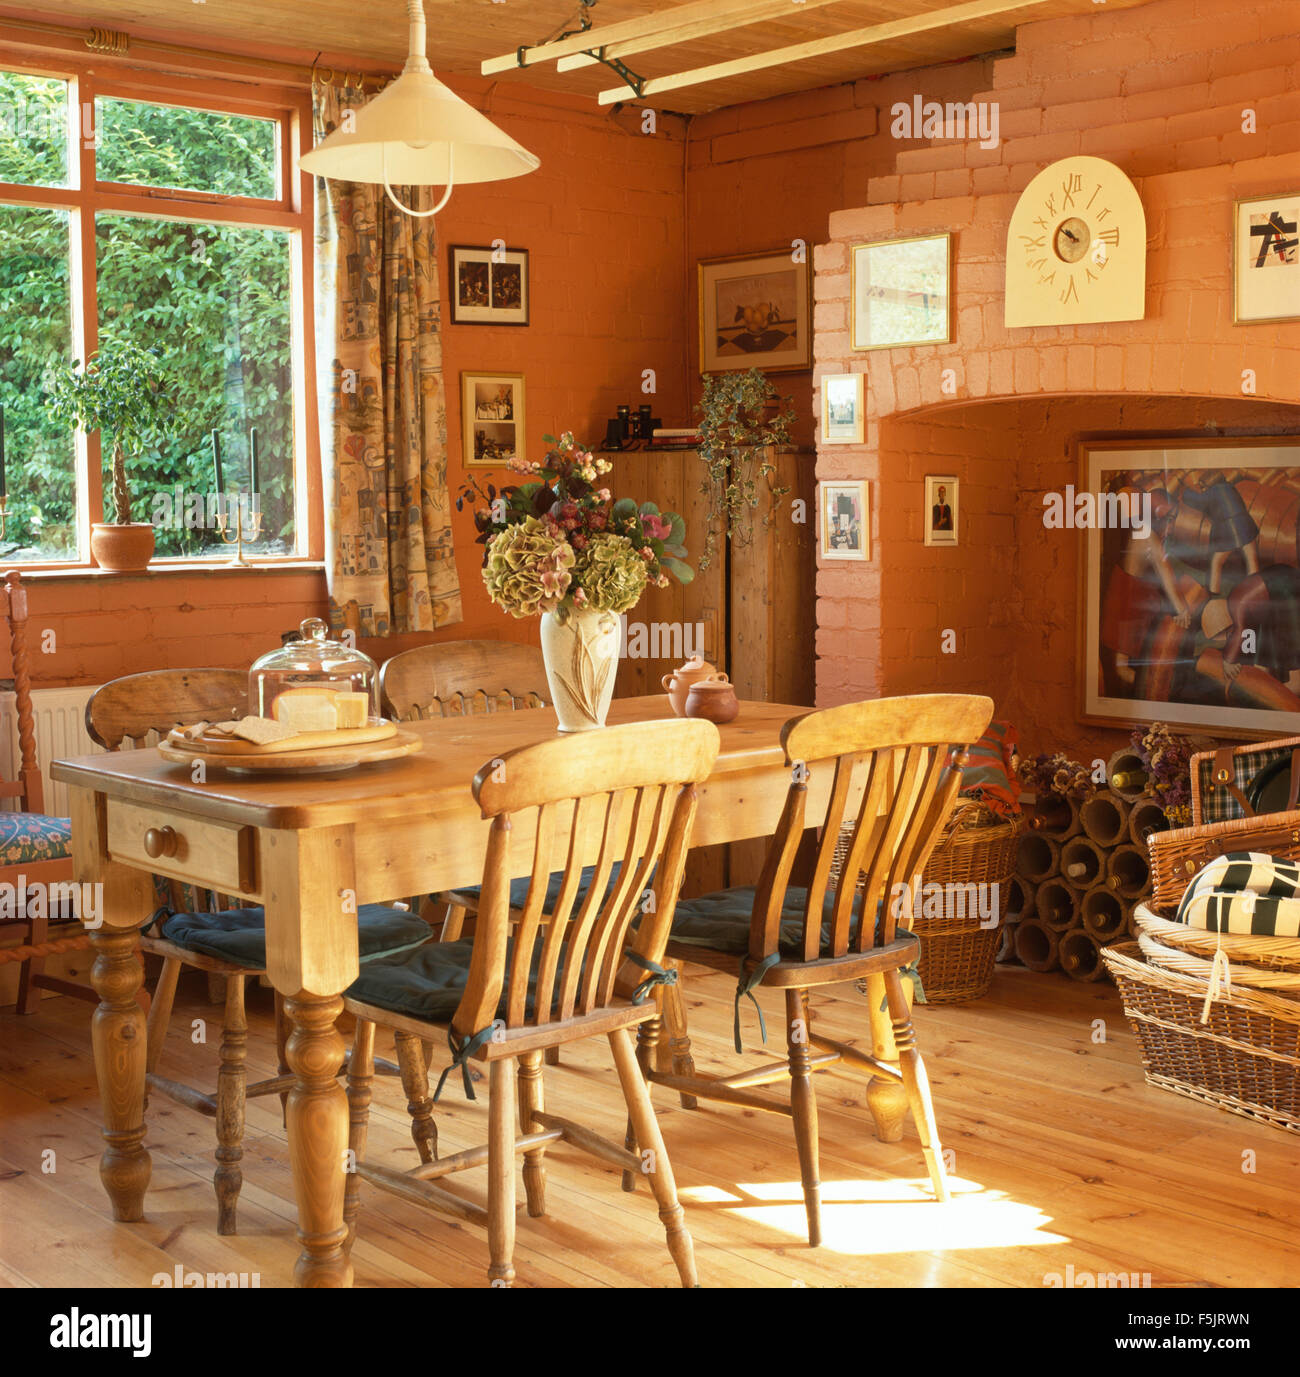 Kiefer Tisch Und Stuhlen In Einem Terracotta Gemalt Esszimmer Mit